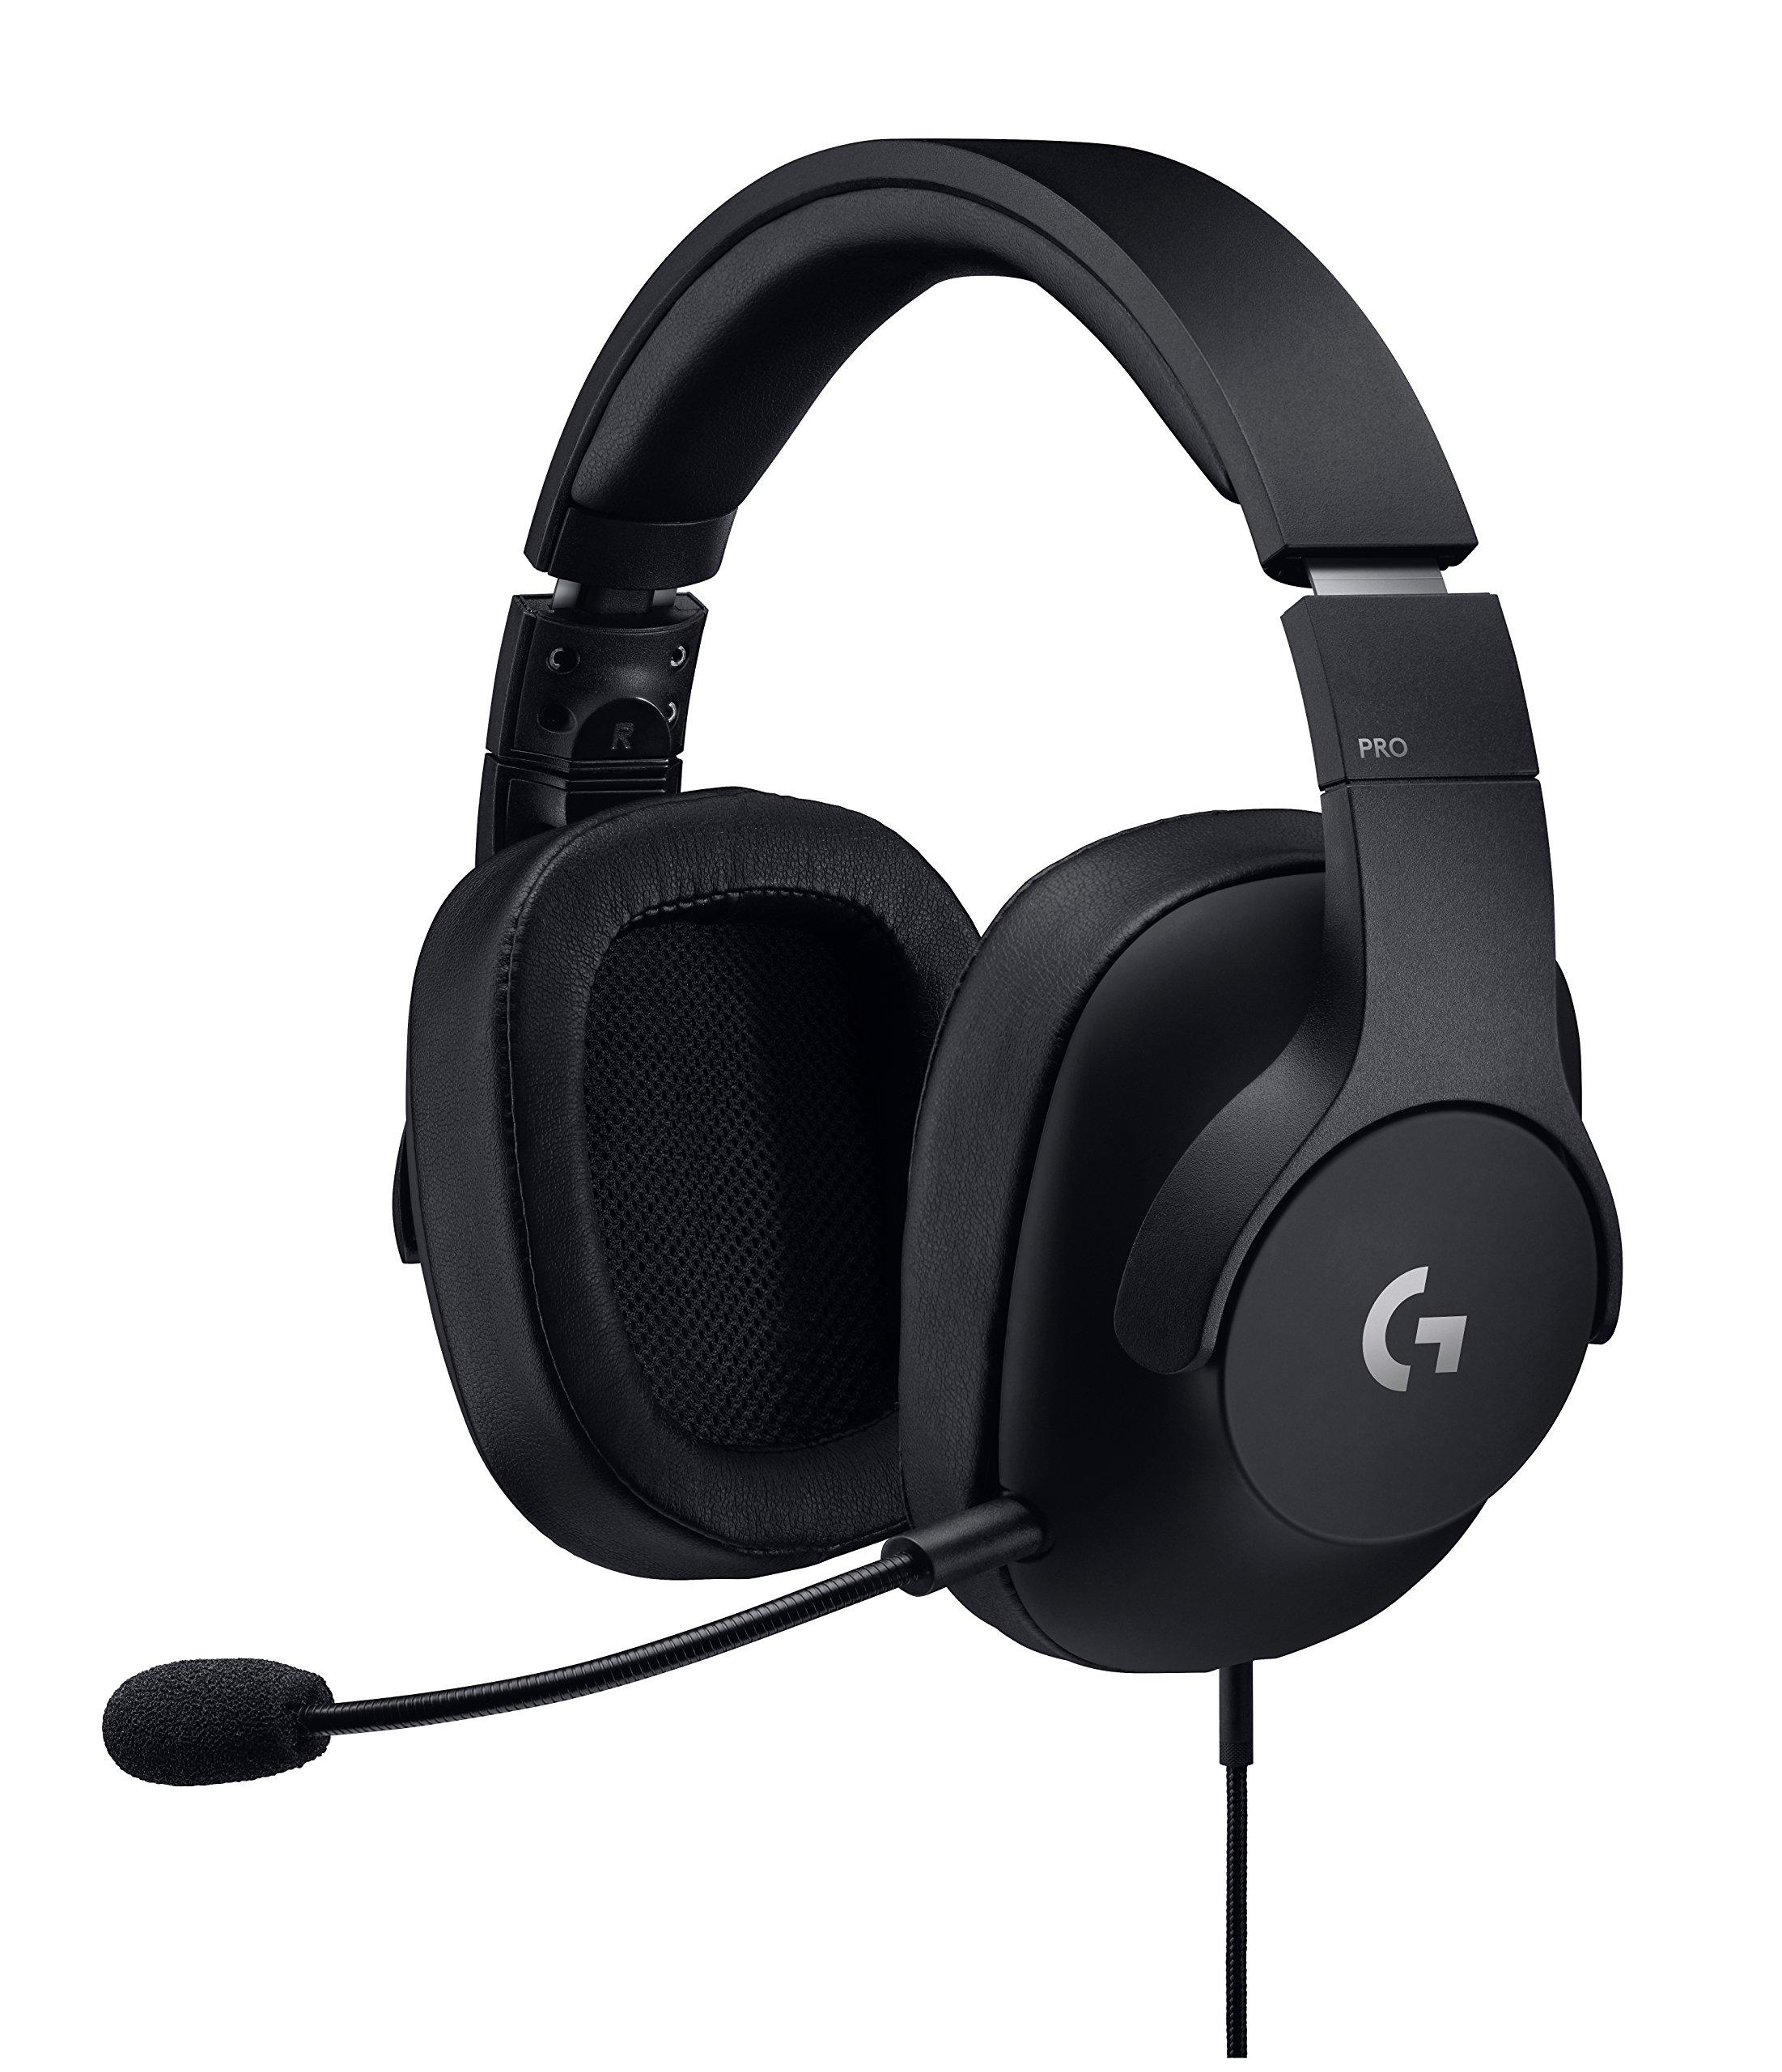 로지텍 G 프로게이밍 헤드셋 Logitech G Pro Gaming Headset with Pro Grade Mic for Pc, PC VR, Mac, Xbox One, Playstation 4, Nintendo Switch